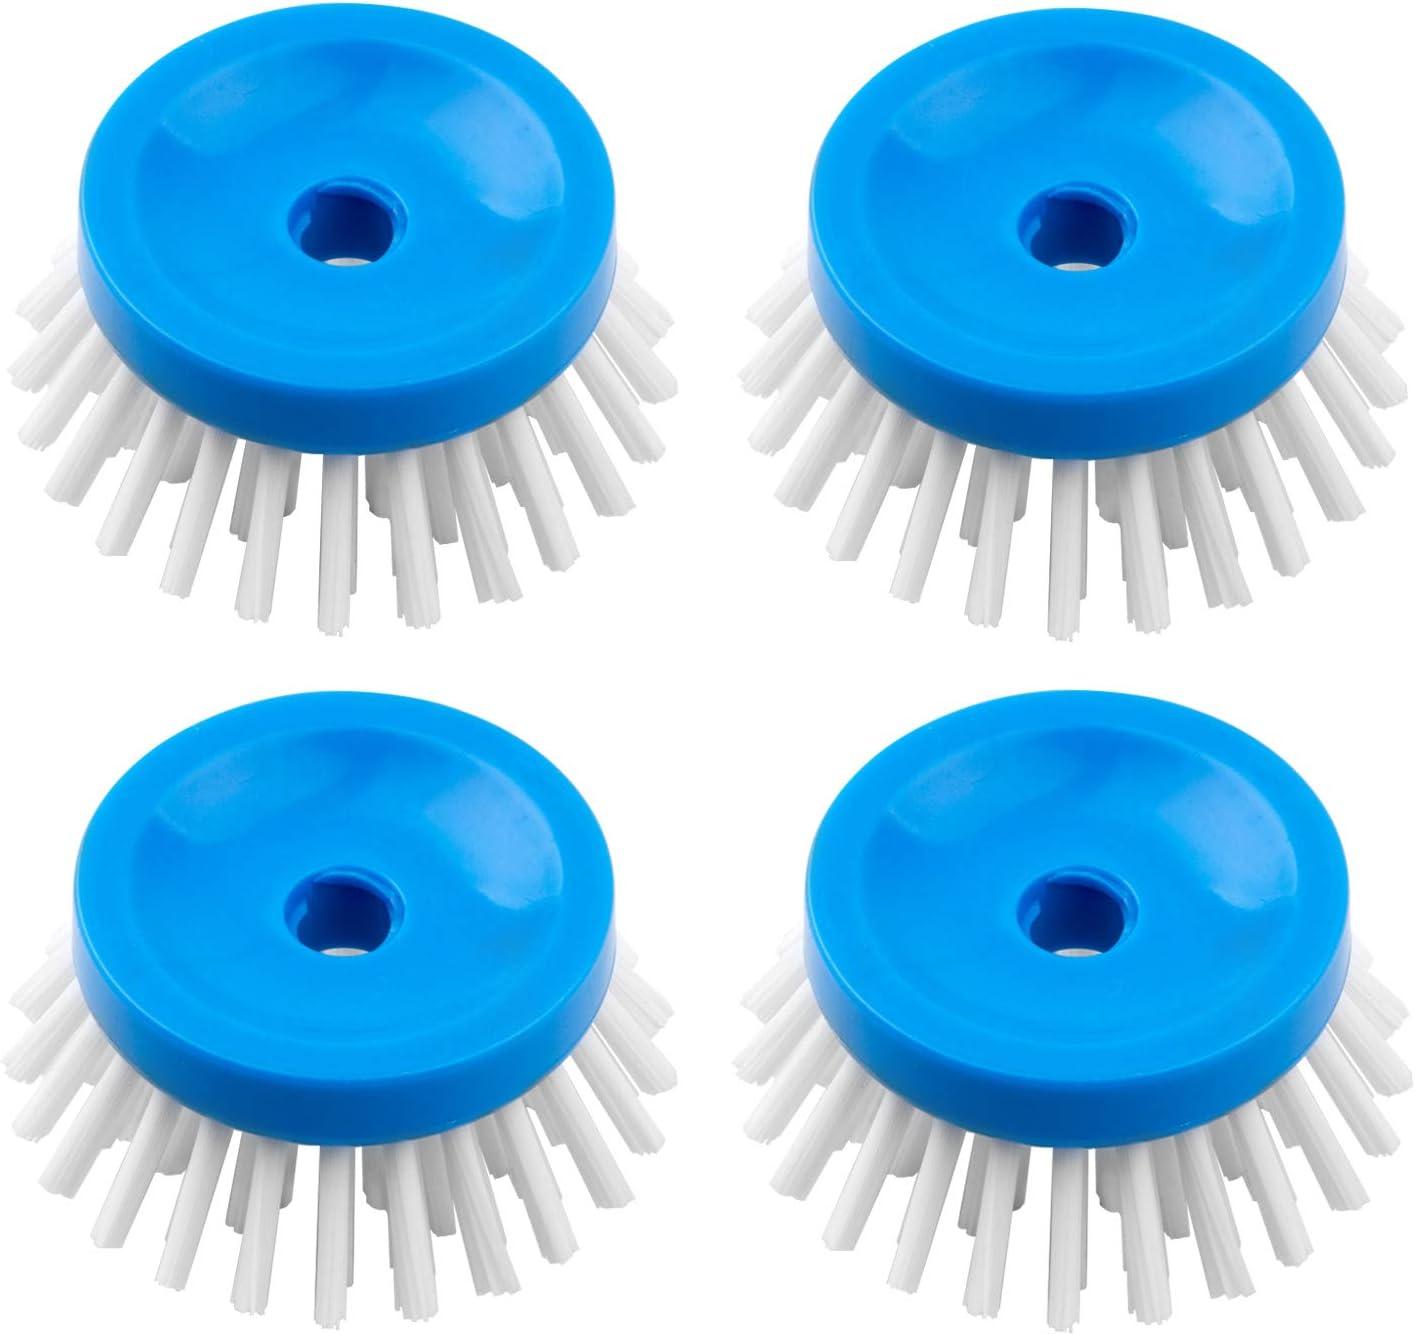 MR.SIGA Soap Dispensing Palm Brush Refill, Pack of 4